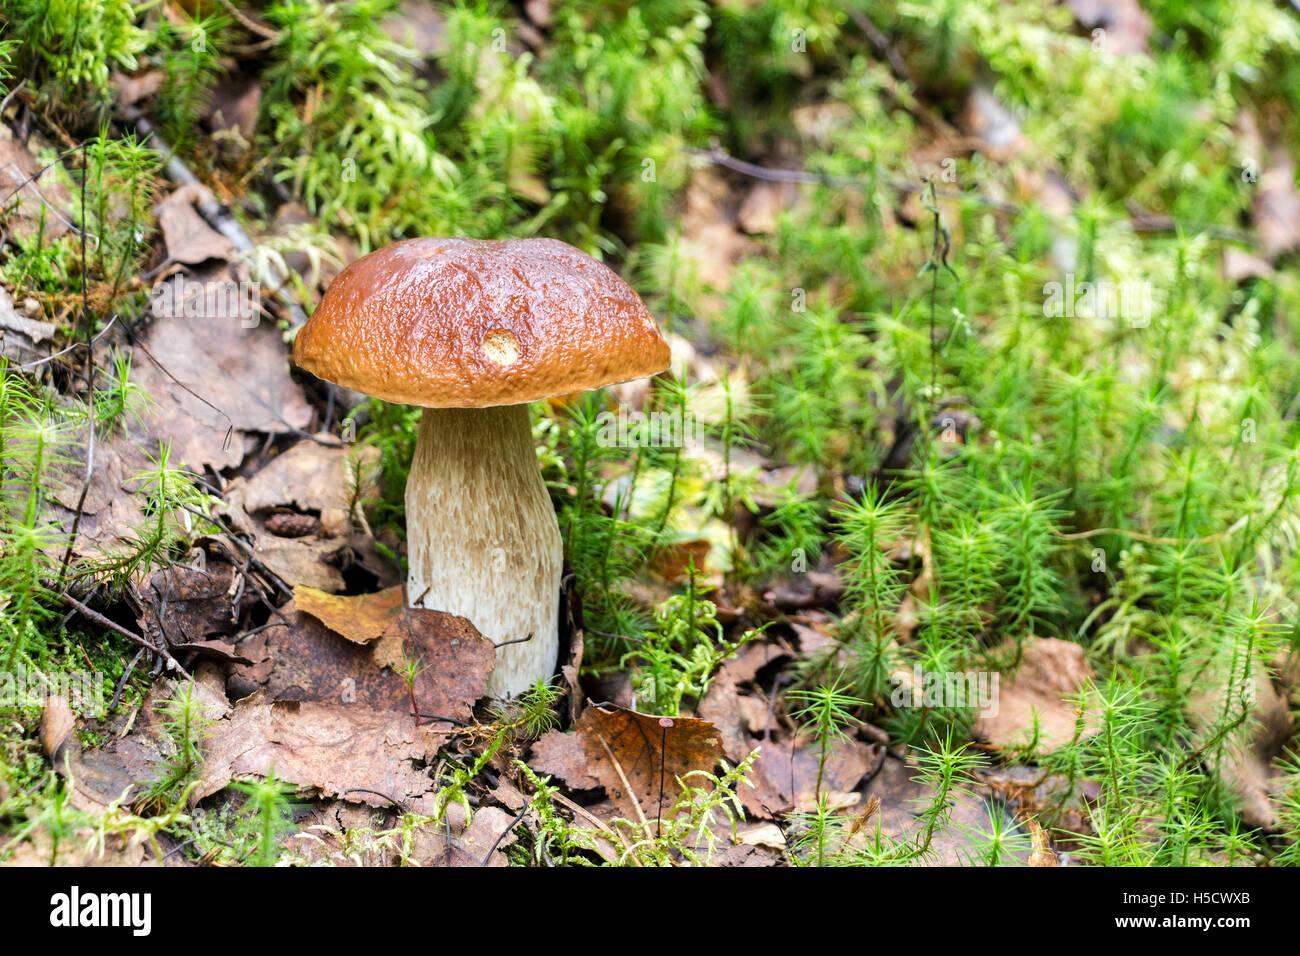 Foresta di funghi commestibili con tappo marrone in erba verde Immagini Stock